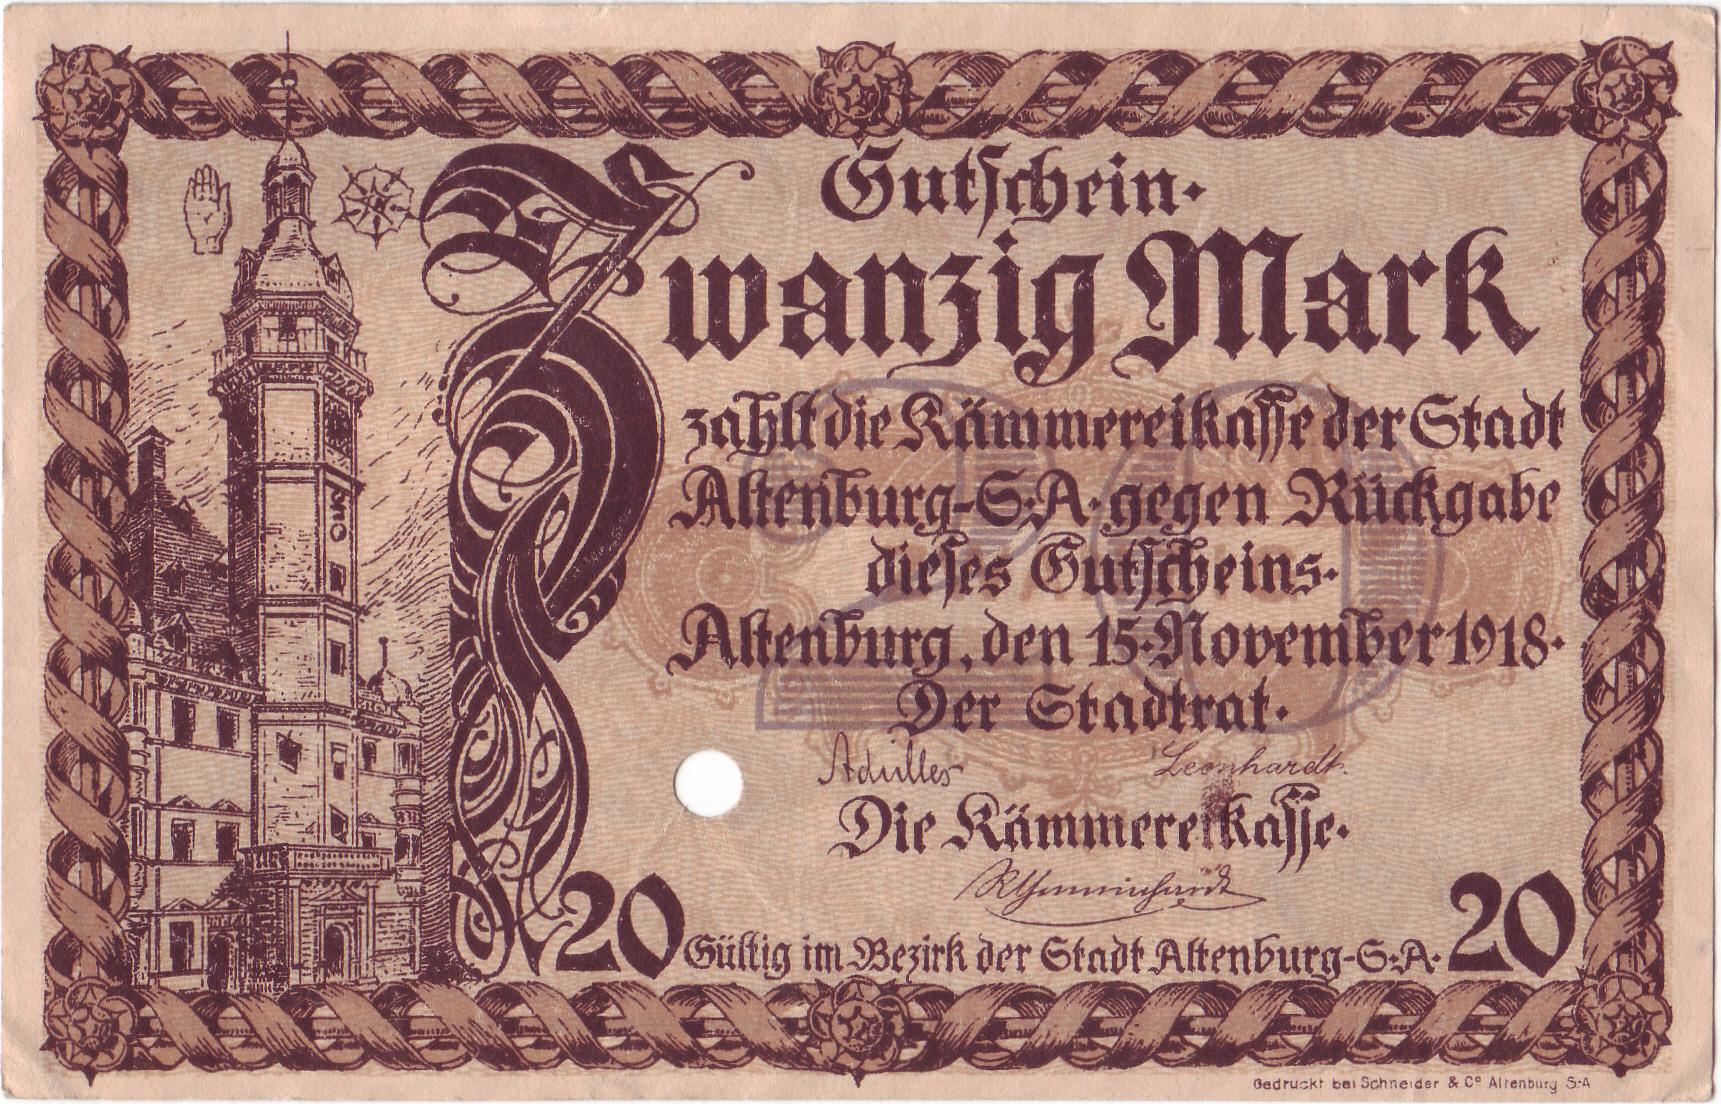 Ein 20 Markschein aus Altenburg in Sachsen aus dem Jahre 1918